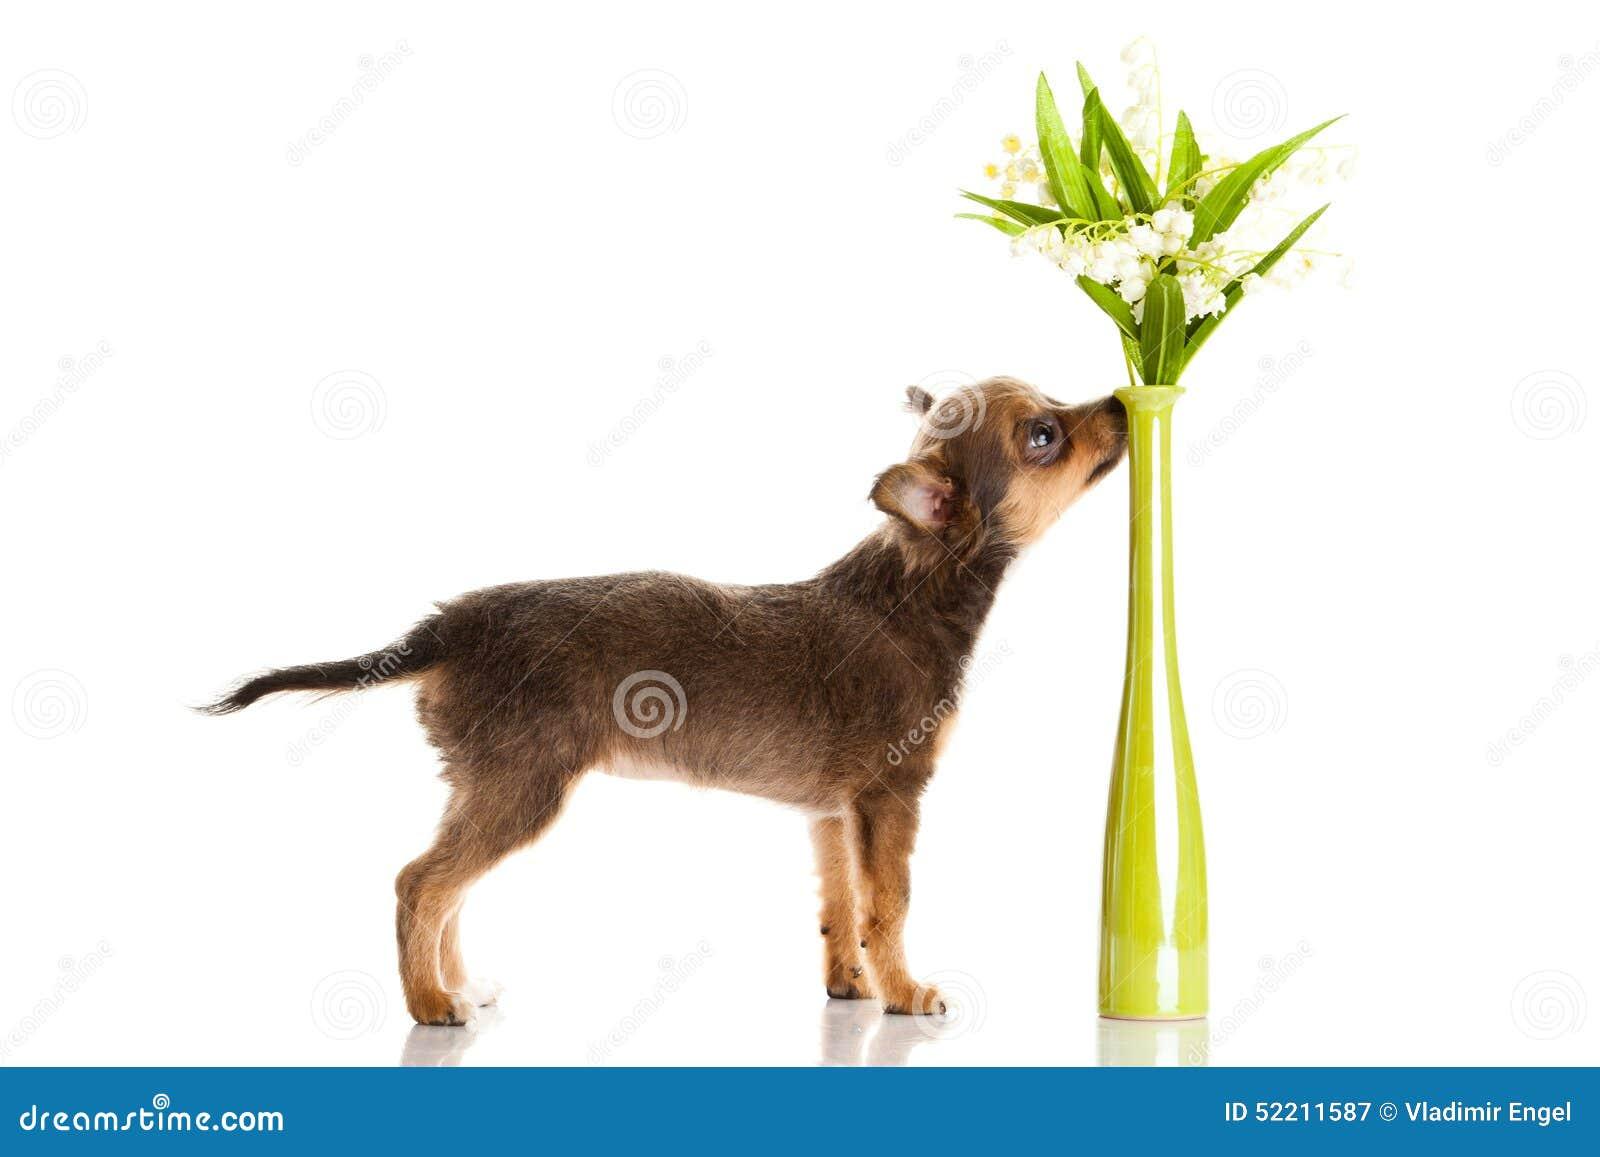 狗猩交配视频_在白色背景狗宠物创造性的工作隔绝的奇瓦瓦狗 库存图片. 图片 ...